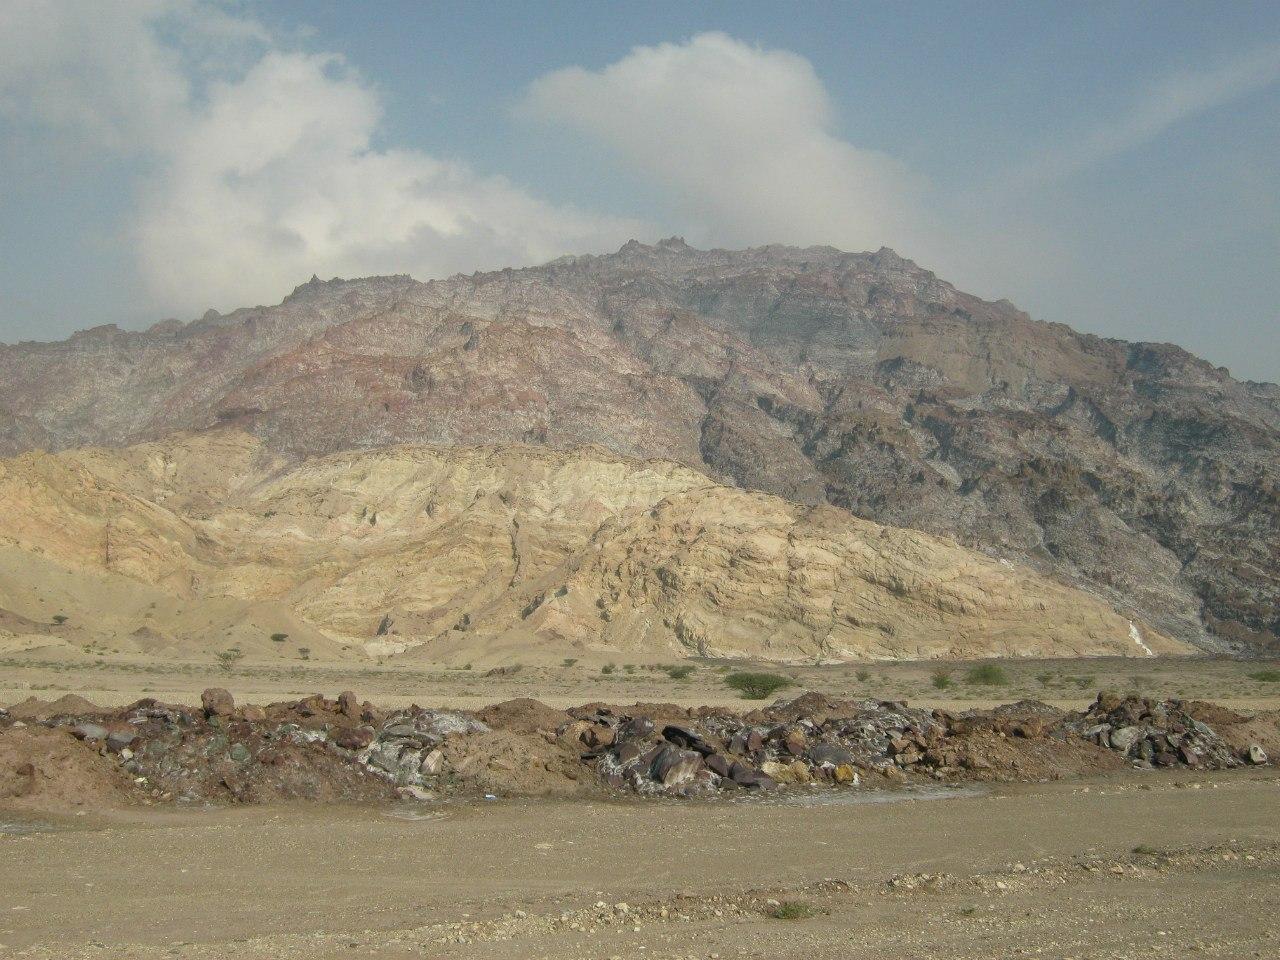 гора с соляным покрытием в Иране